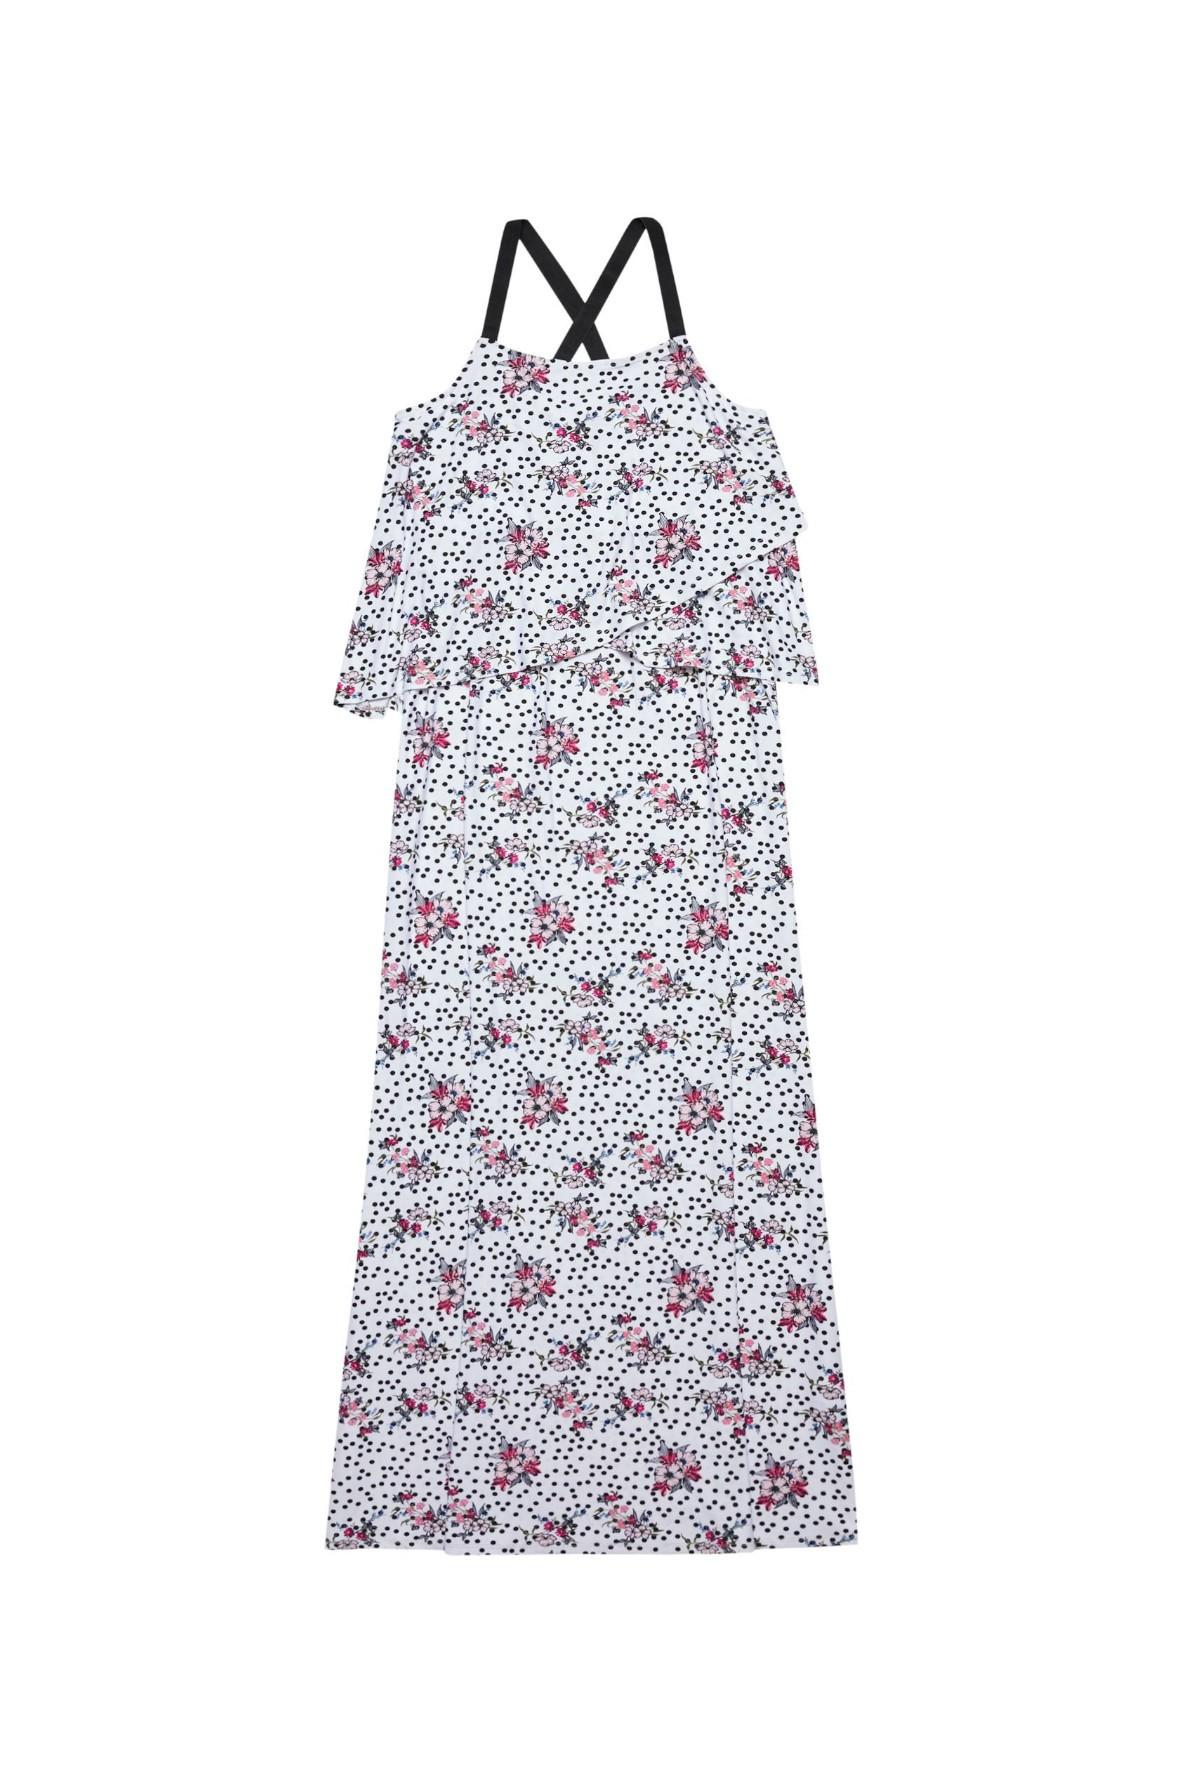 Biała sukienka typu maxi z nadrukiem kwiatów